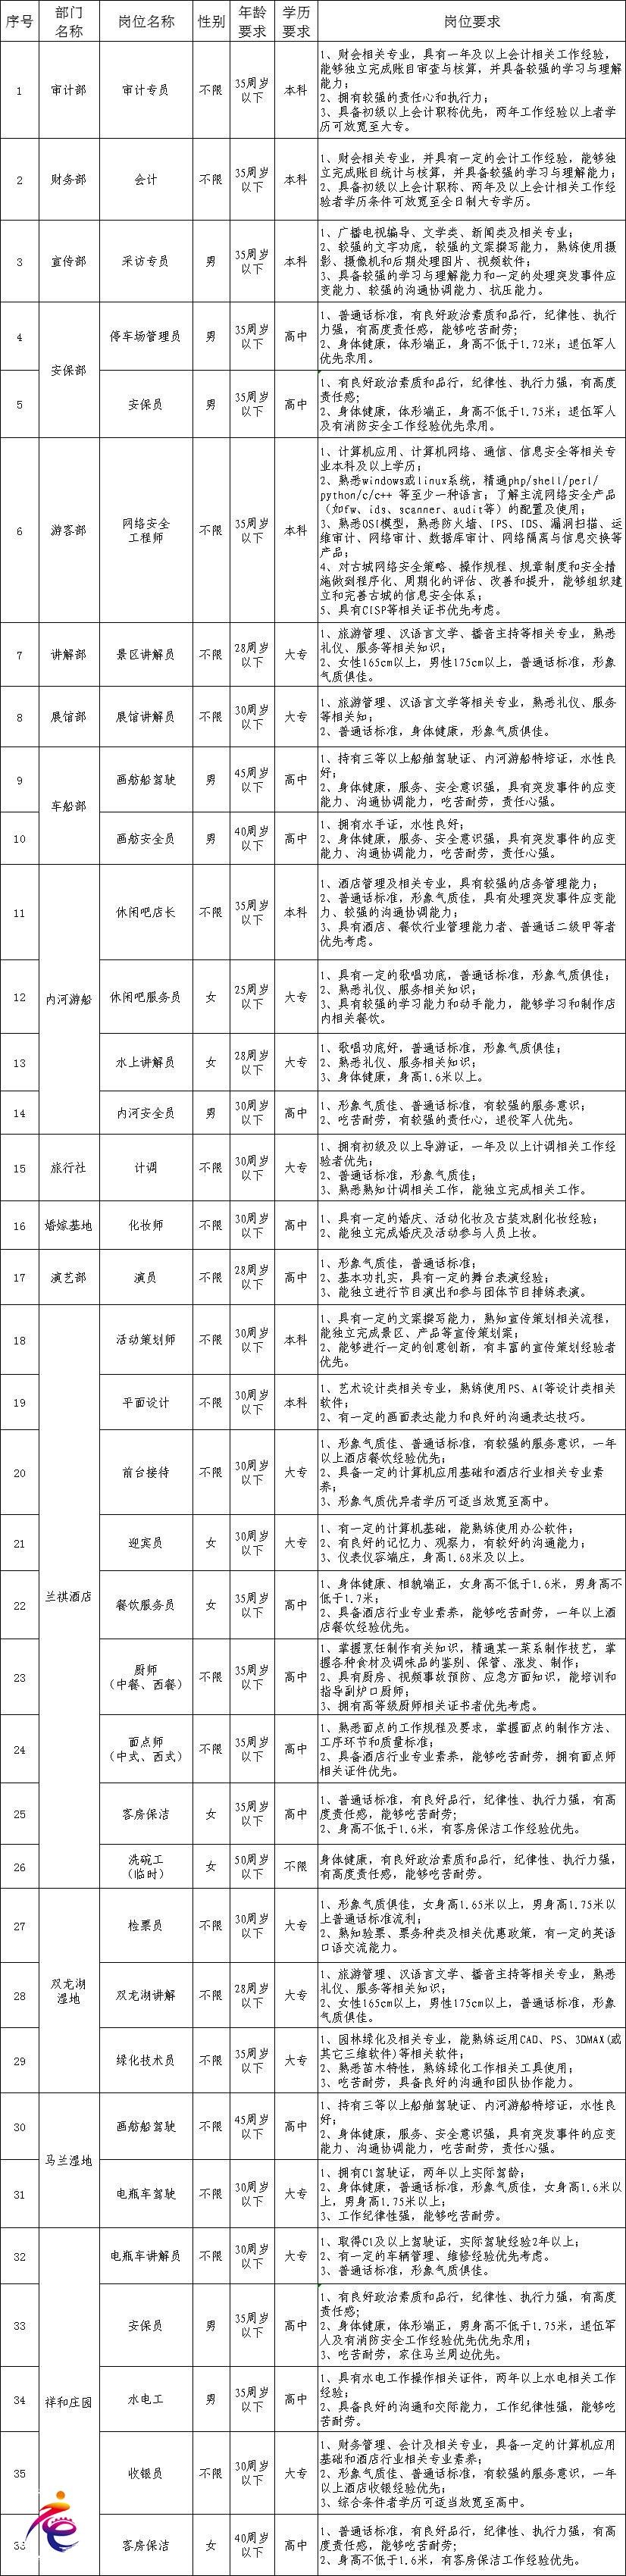 2019.4招聘   心心念念的台儿庄古城招聘信息都在这里!